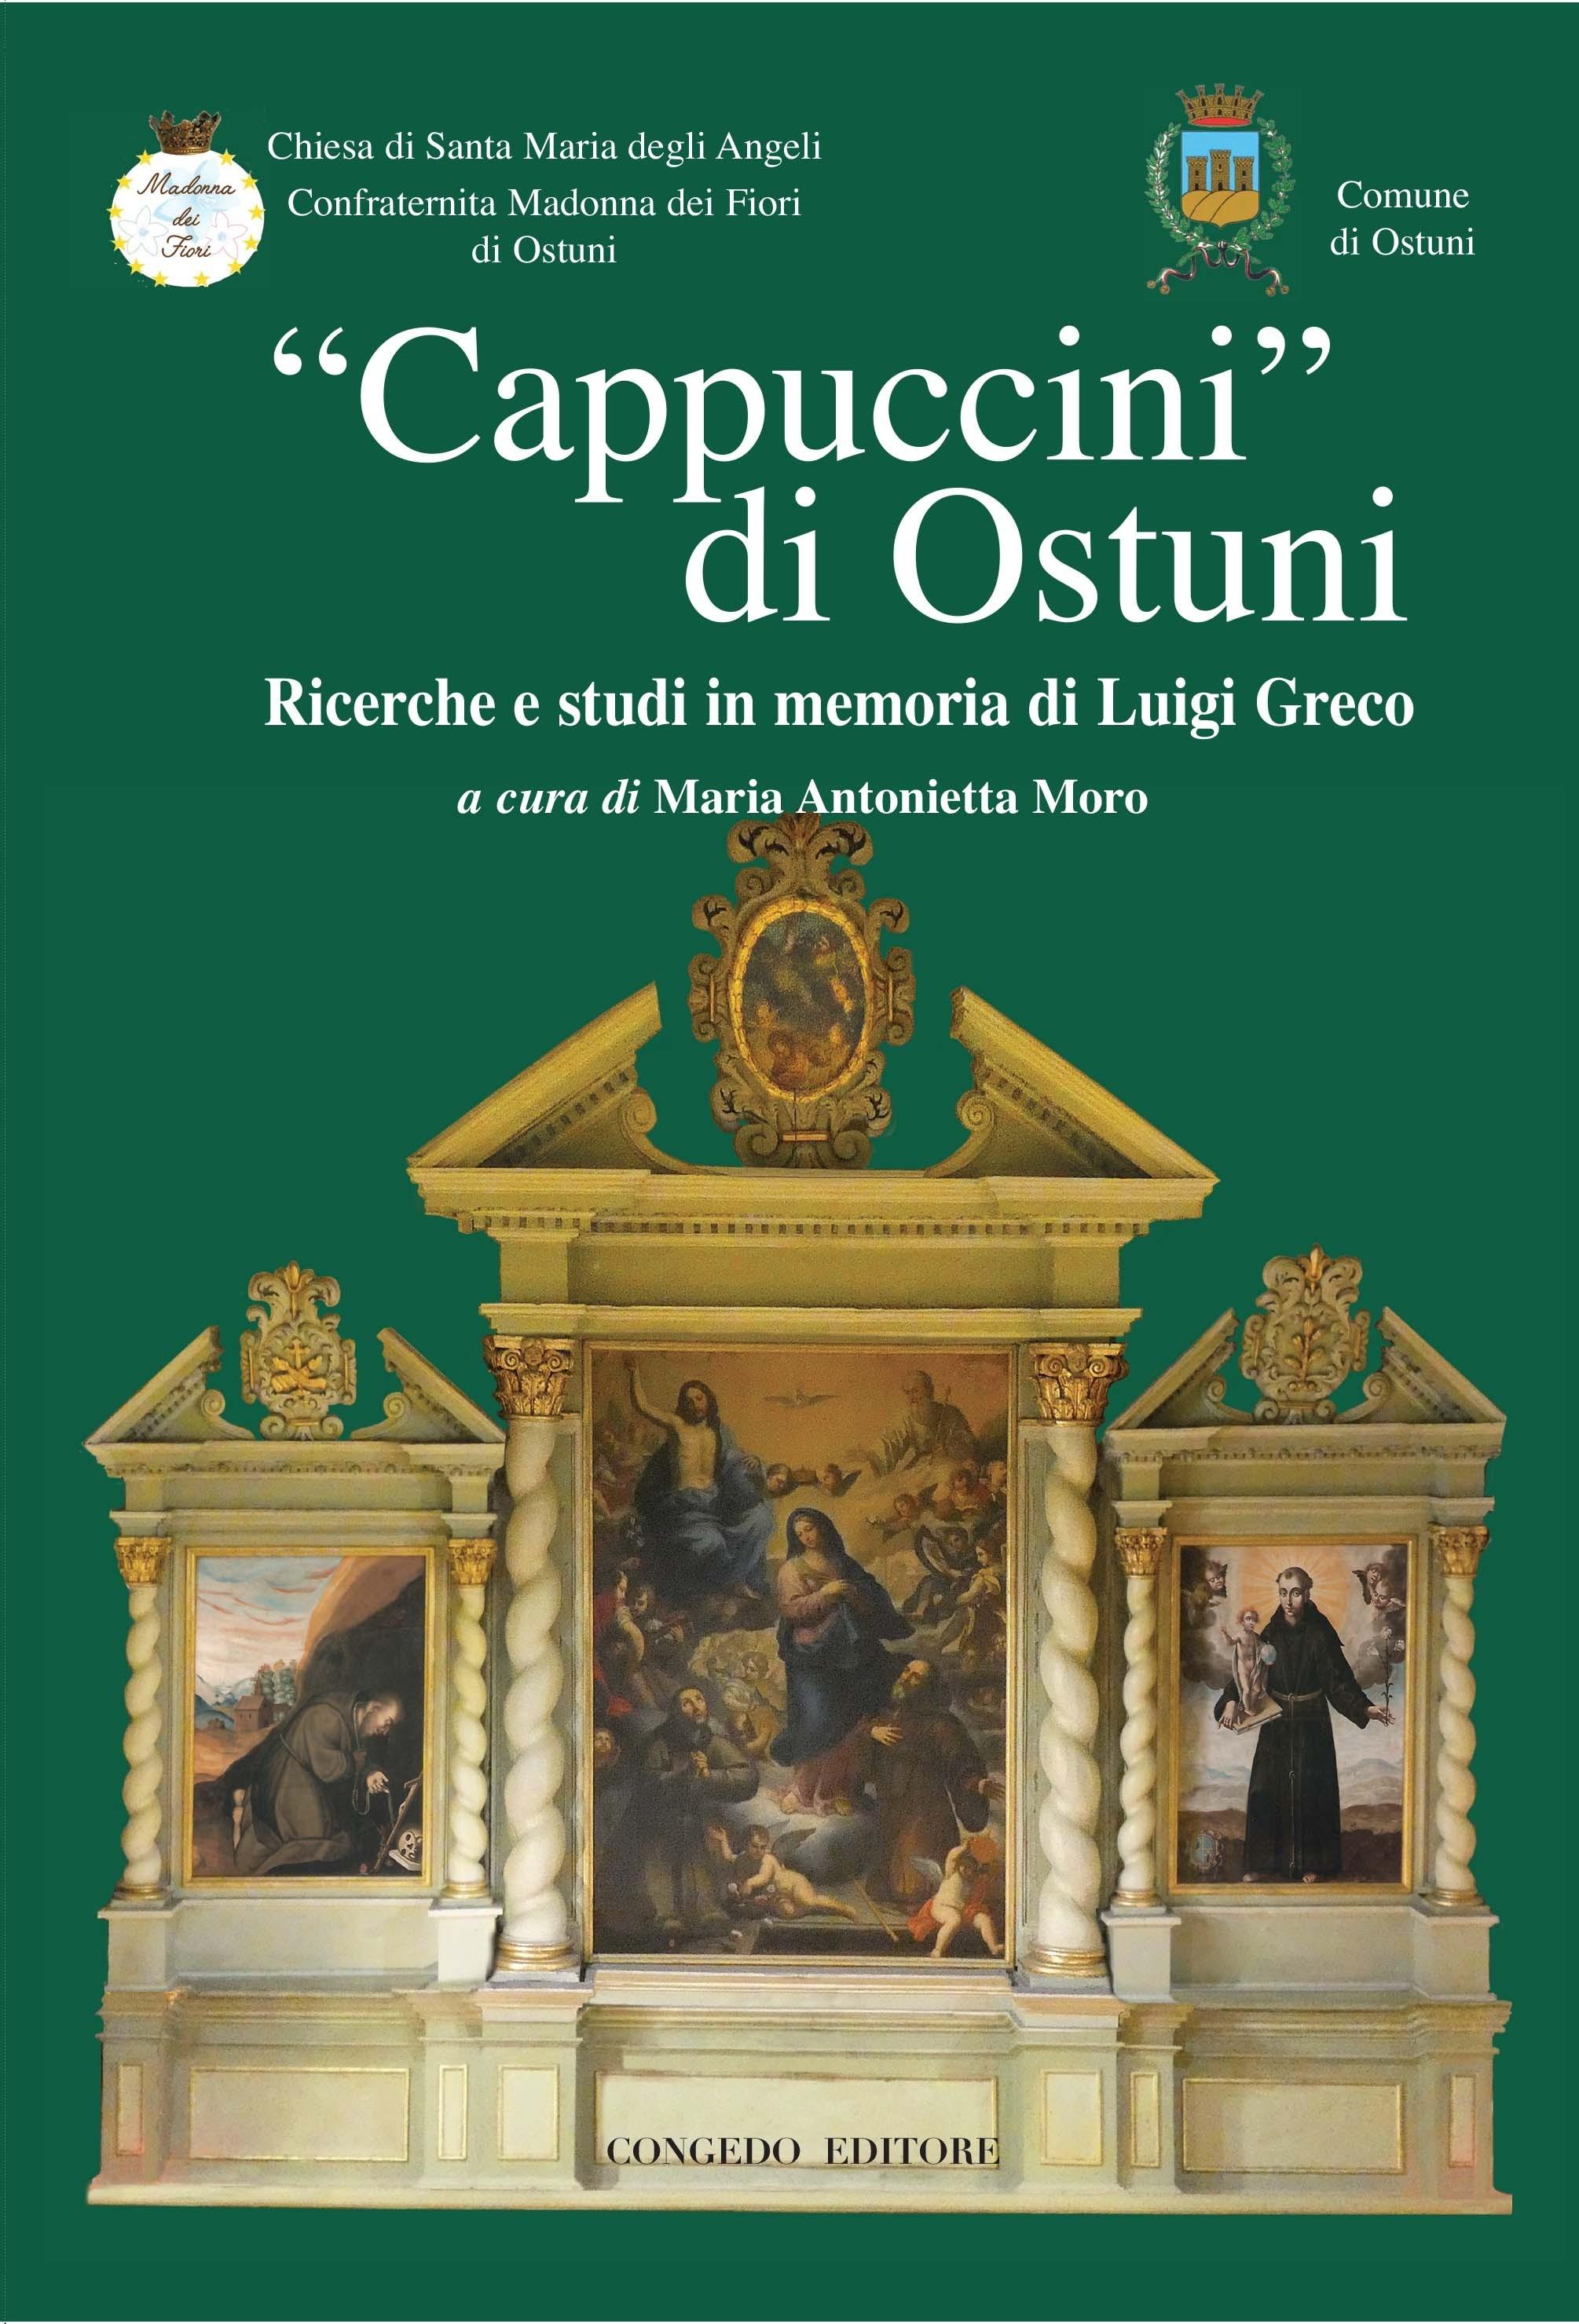 """""""Cappuccini di Ostuni"""". Ricerche e studi in memoria di Luigi Greco"""